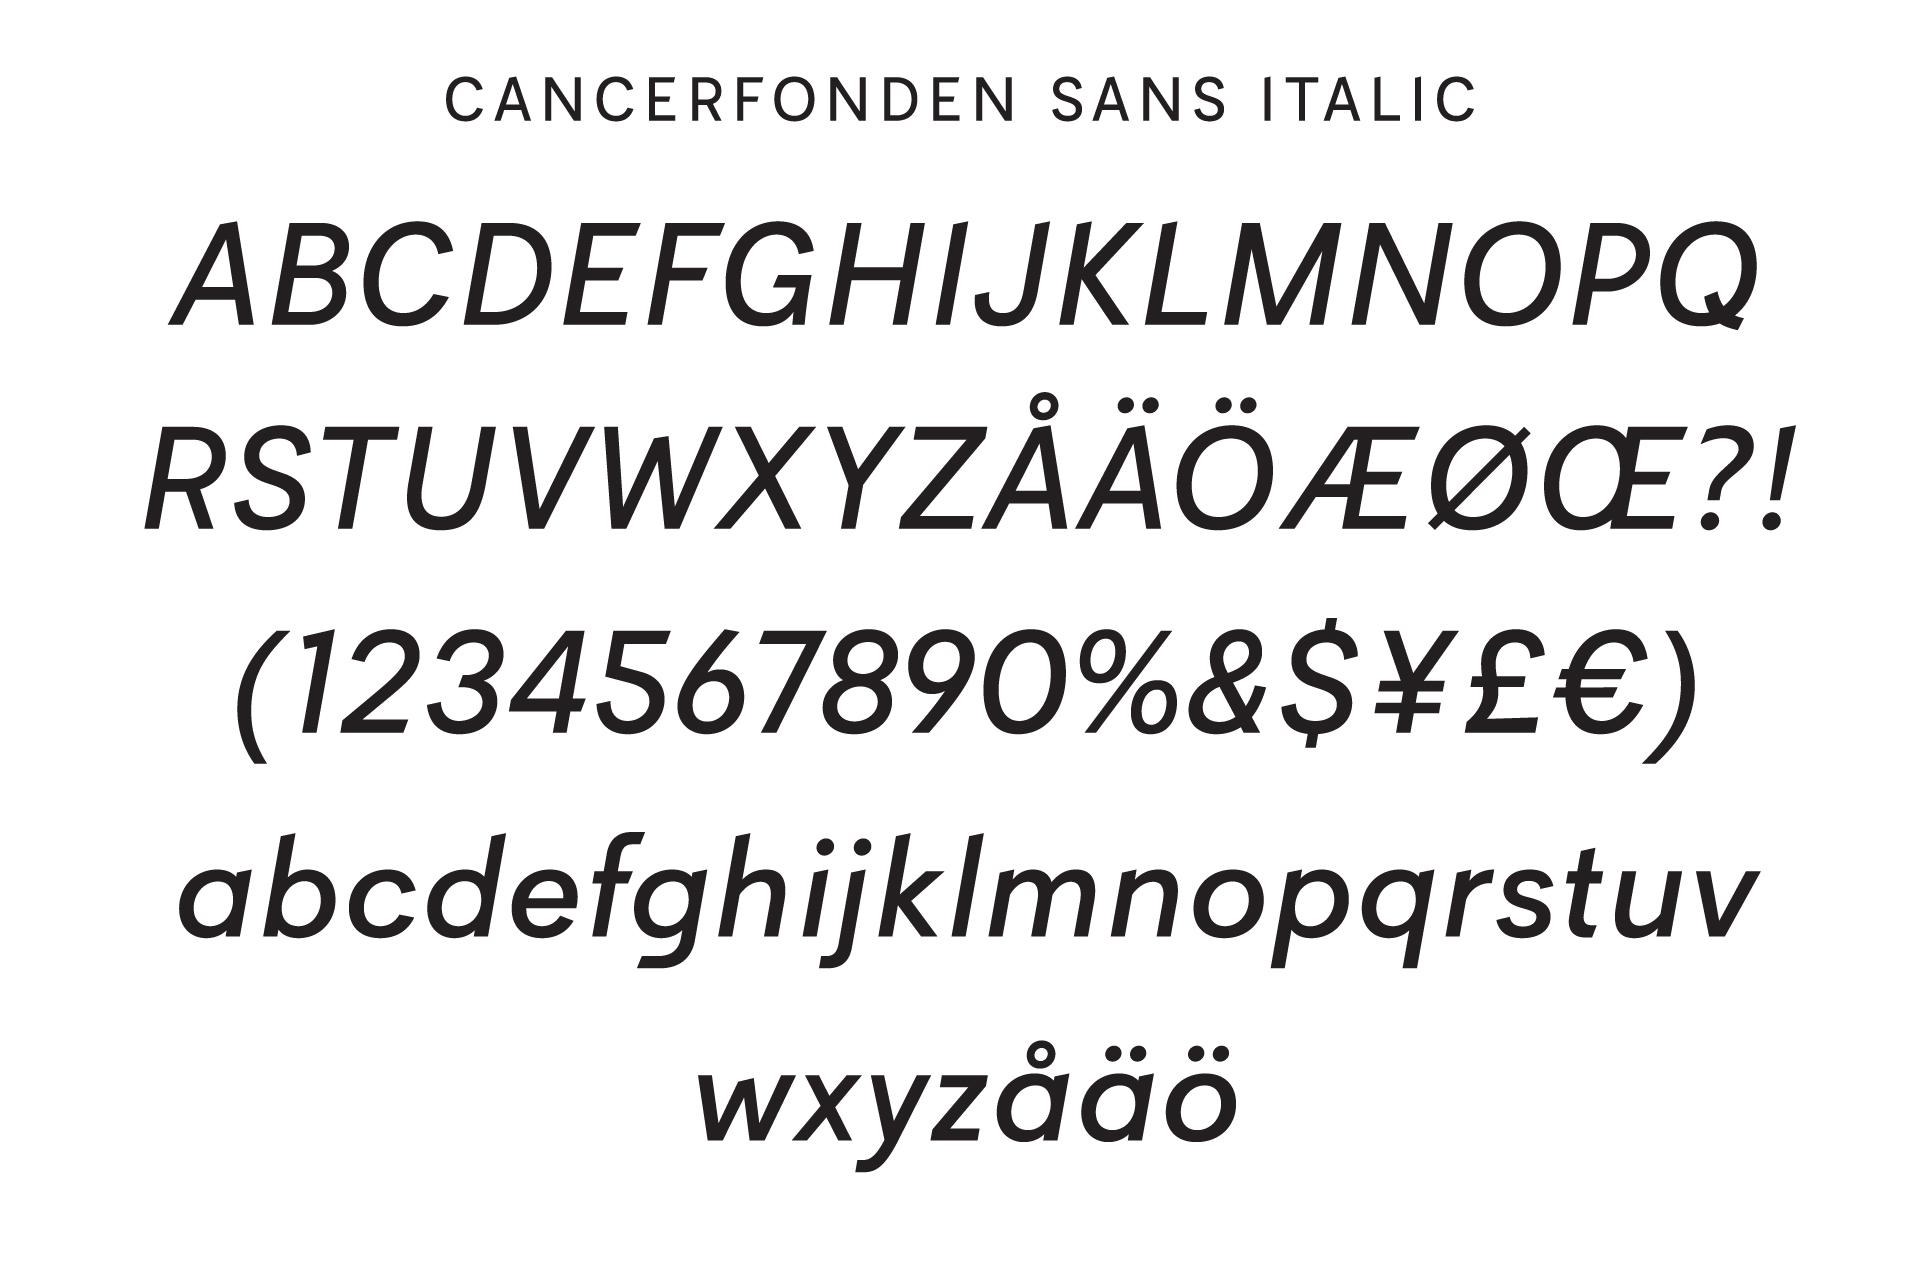 Cancerfonden_PAGE-2